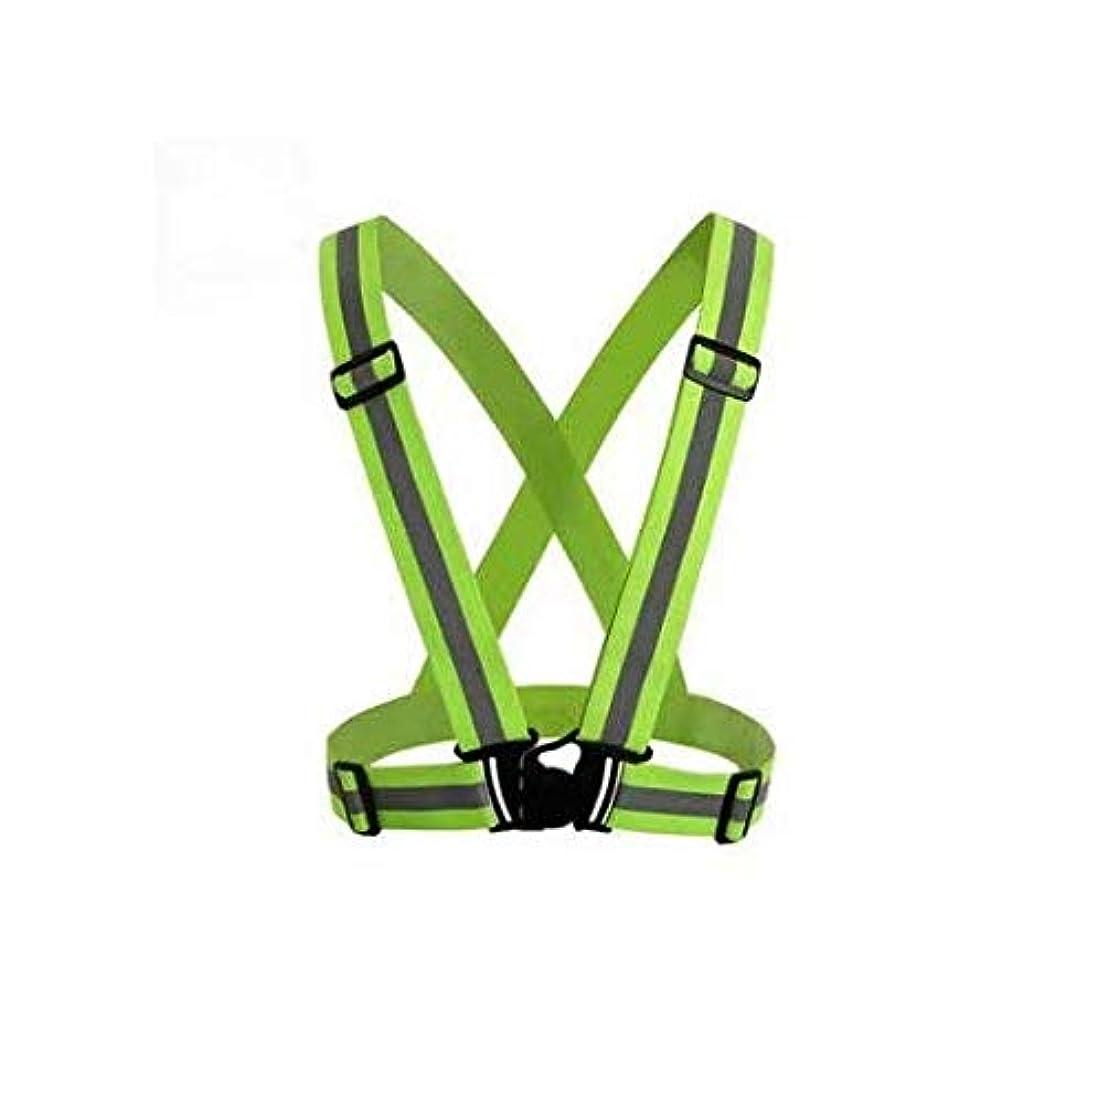 作りエスカレーター密SUNXIN 反射ベスト 安全ベスト 安全バンド サイズ調整可能 夜間 事故防止 高視認性 蛍光